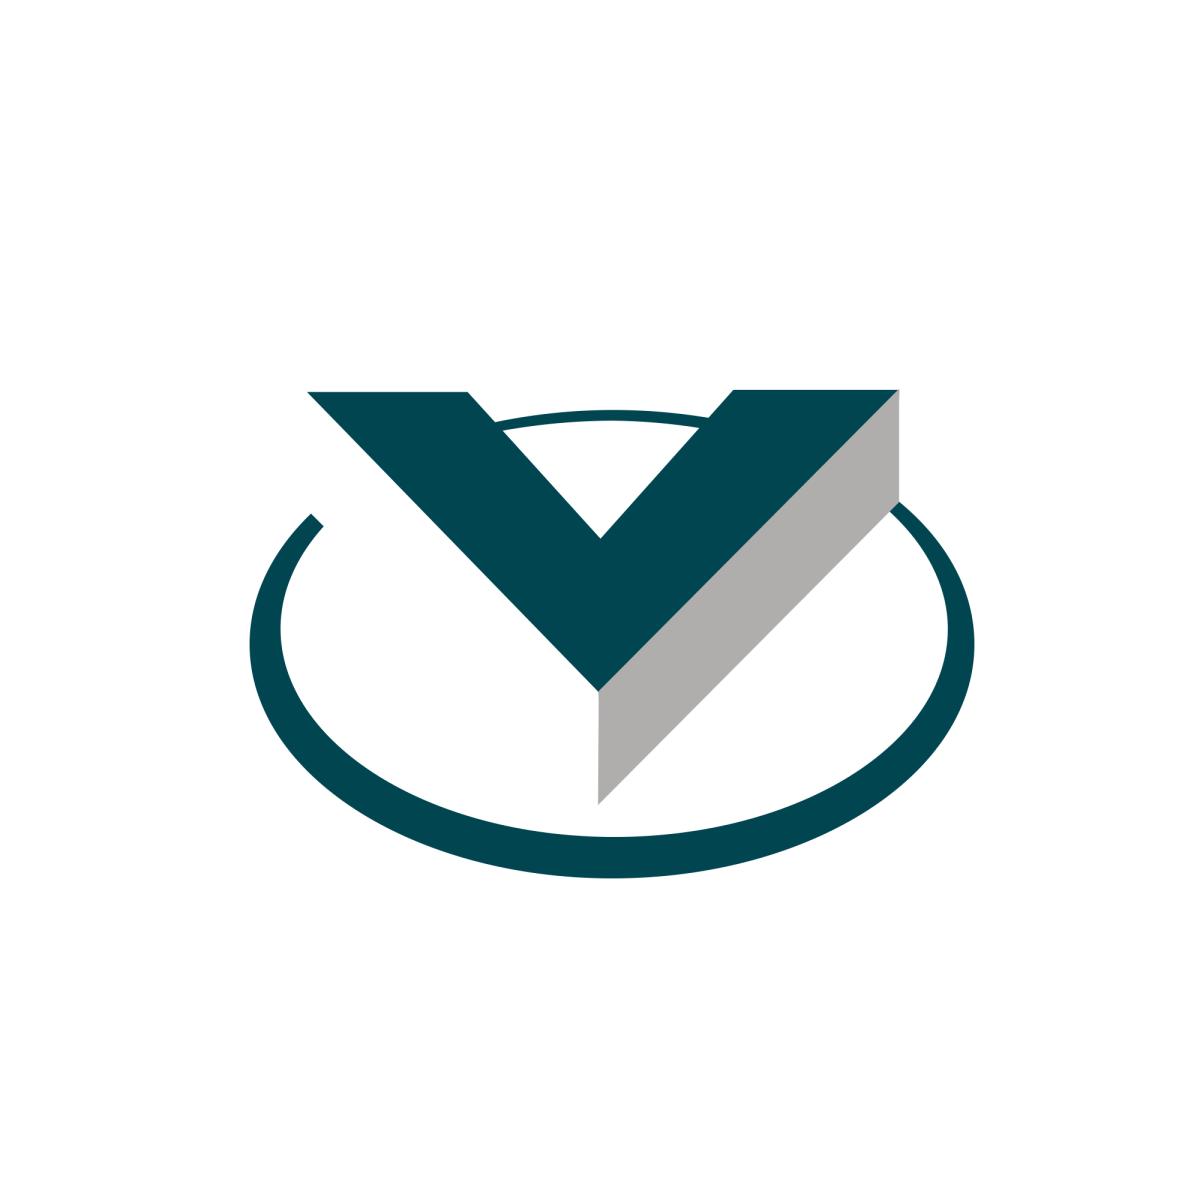 Value Logo Mexico Letter V Letter Logo Lettering